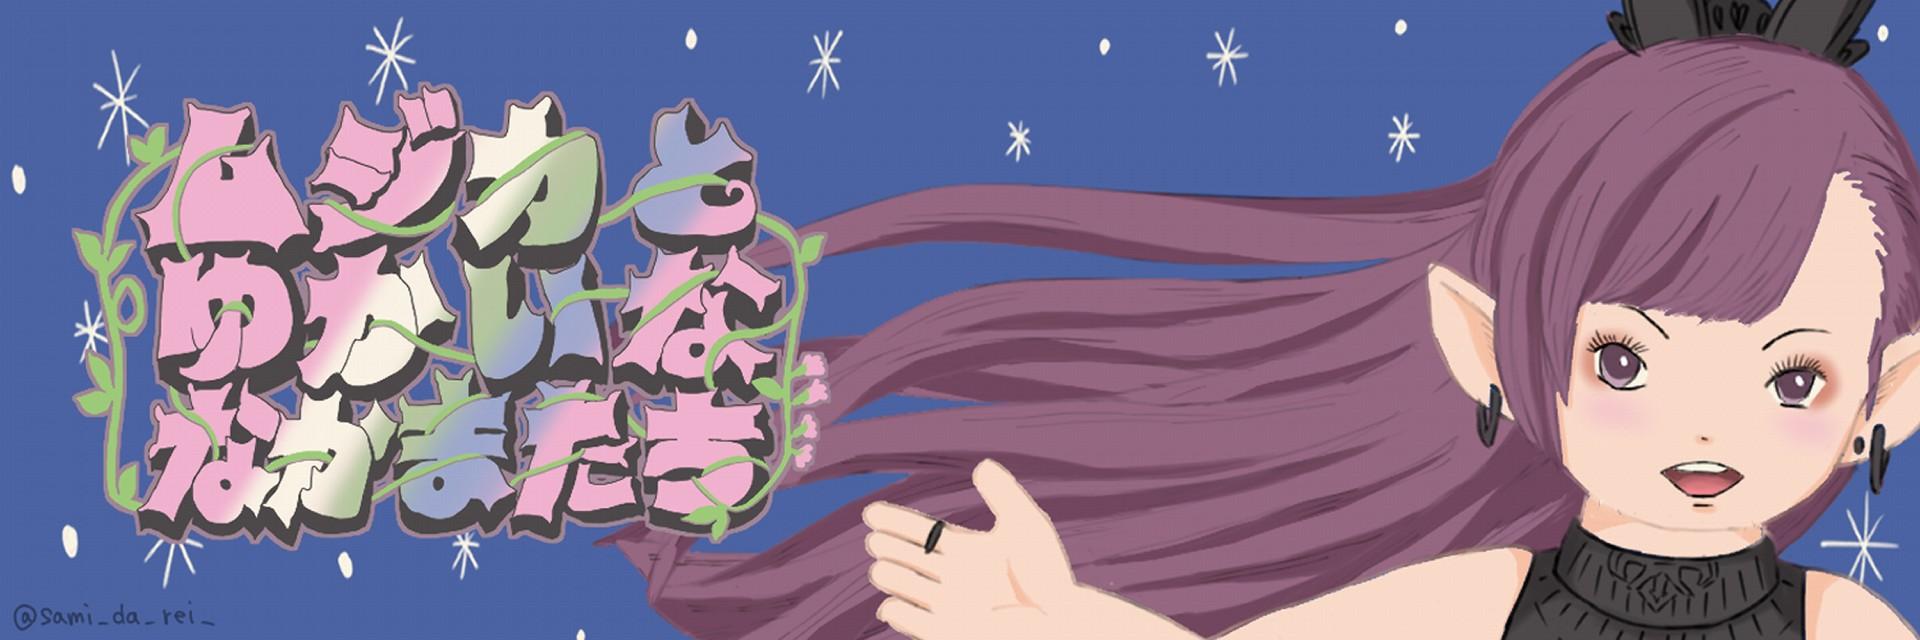 f:id:ryoushitsu-musica:20210713224442j:image